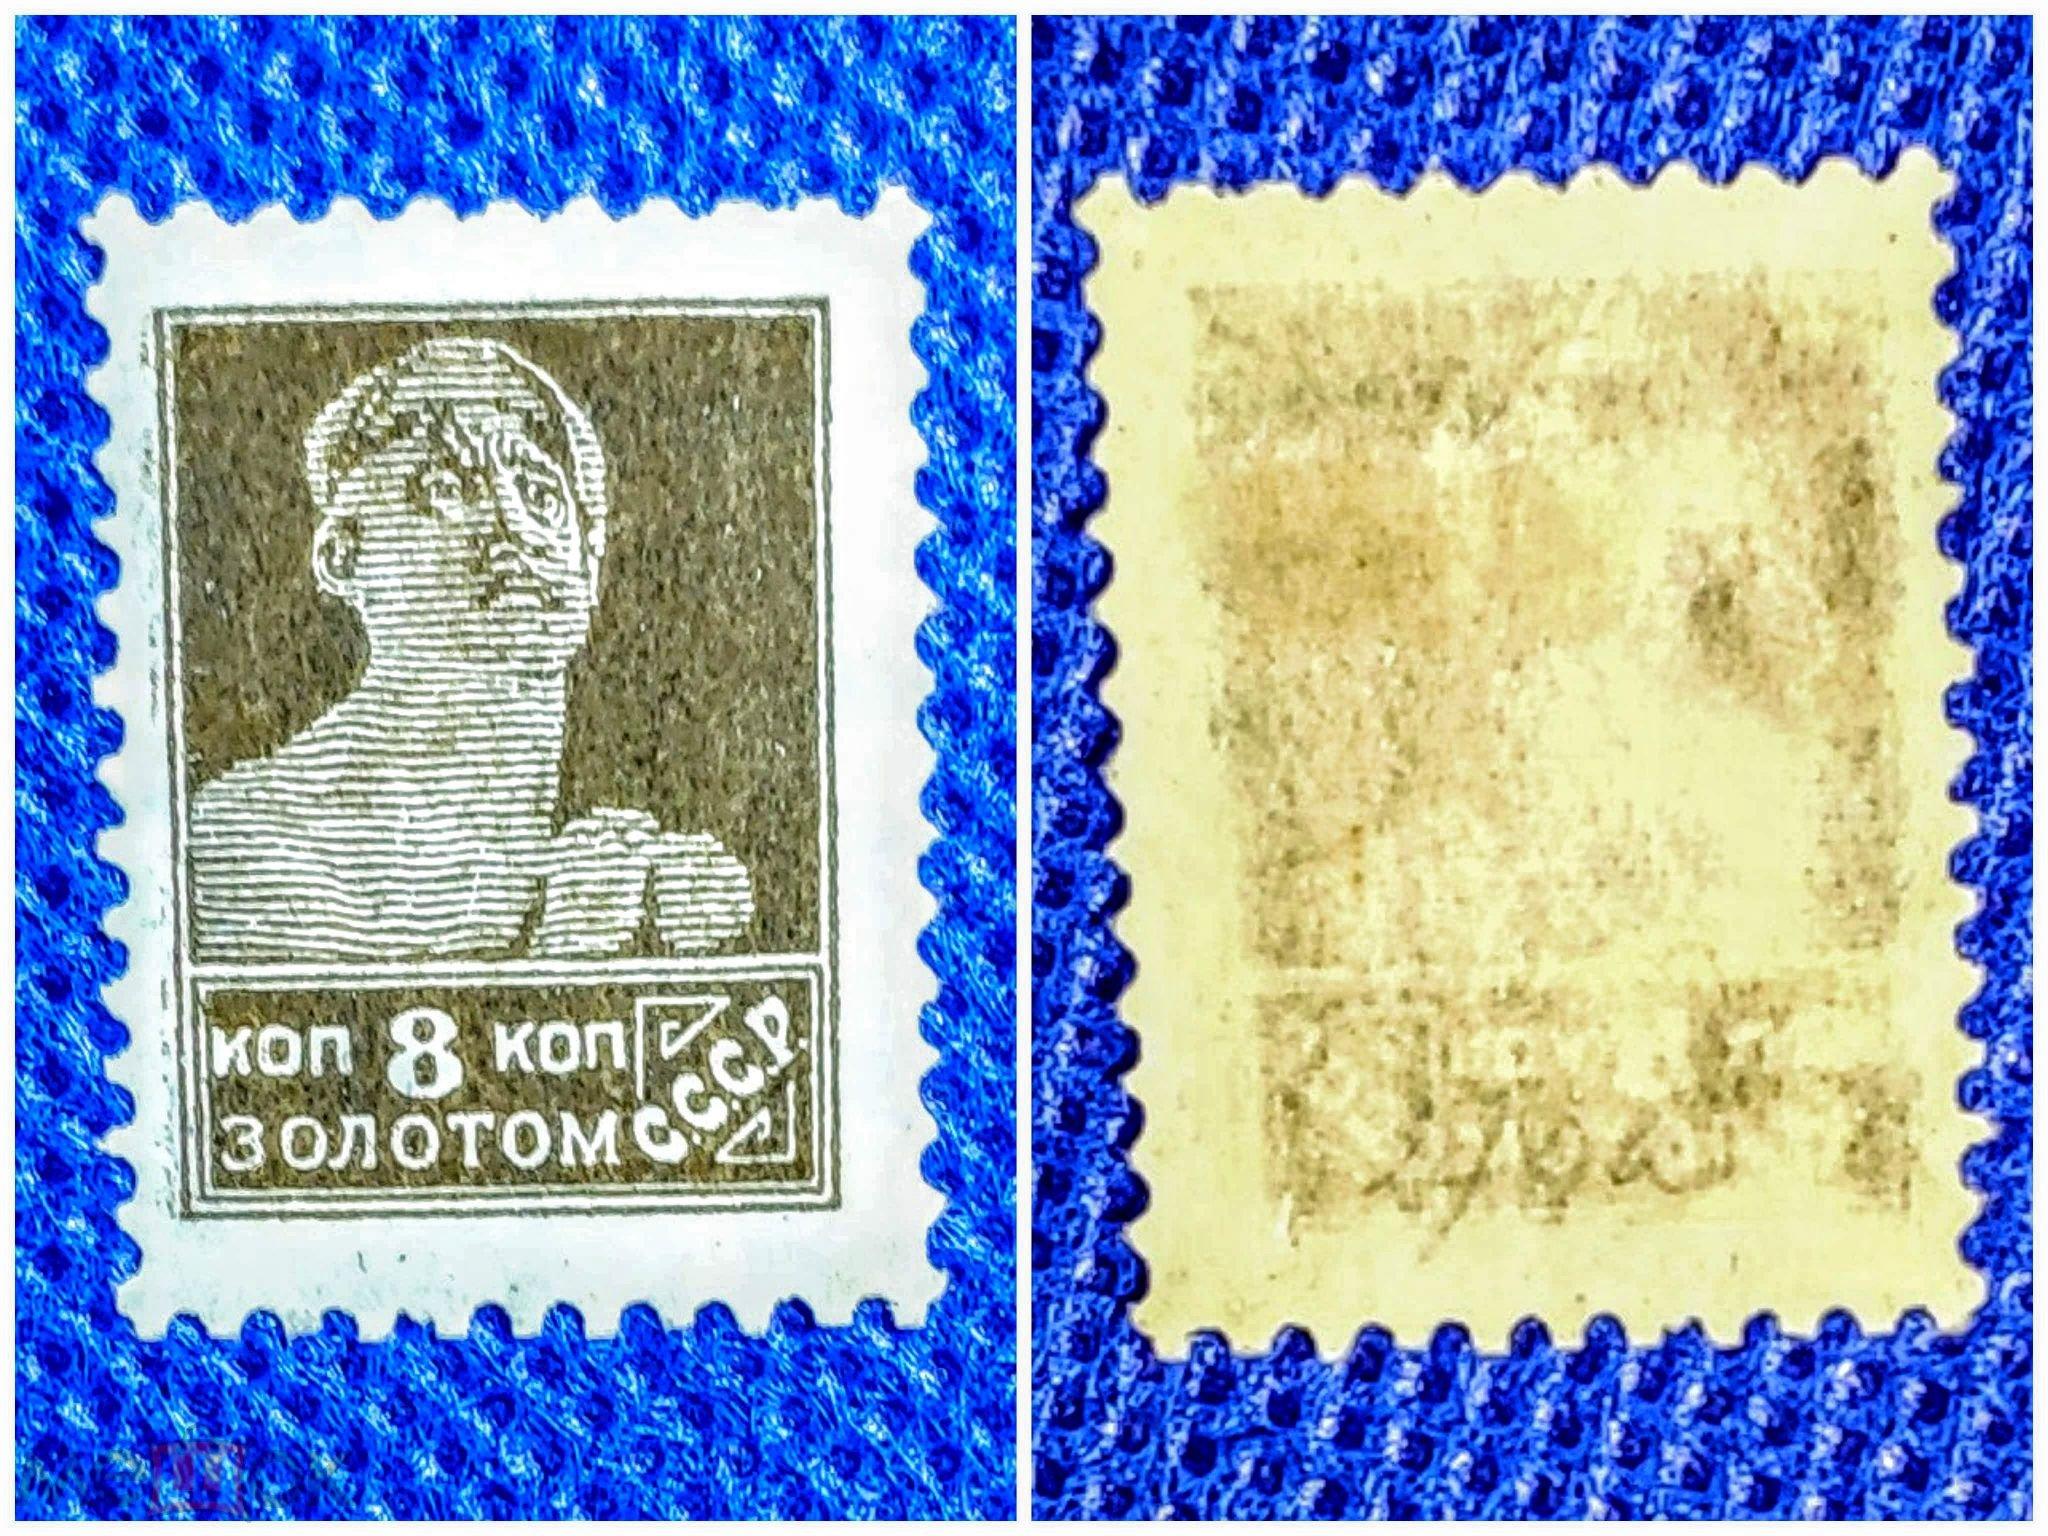 СССР, 1926, Стандартный выпуск, СК №118, Лито, с ВЗ, 8 коп., сост. *